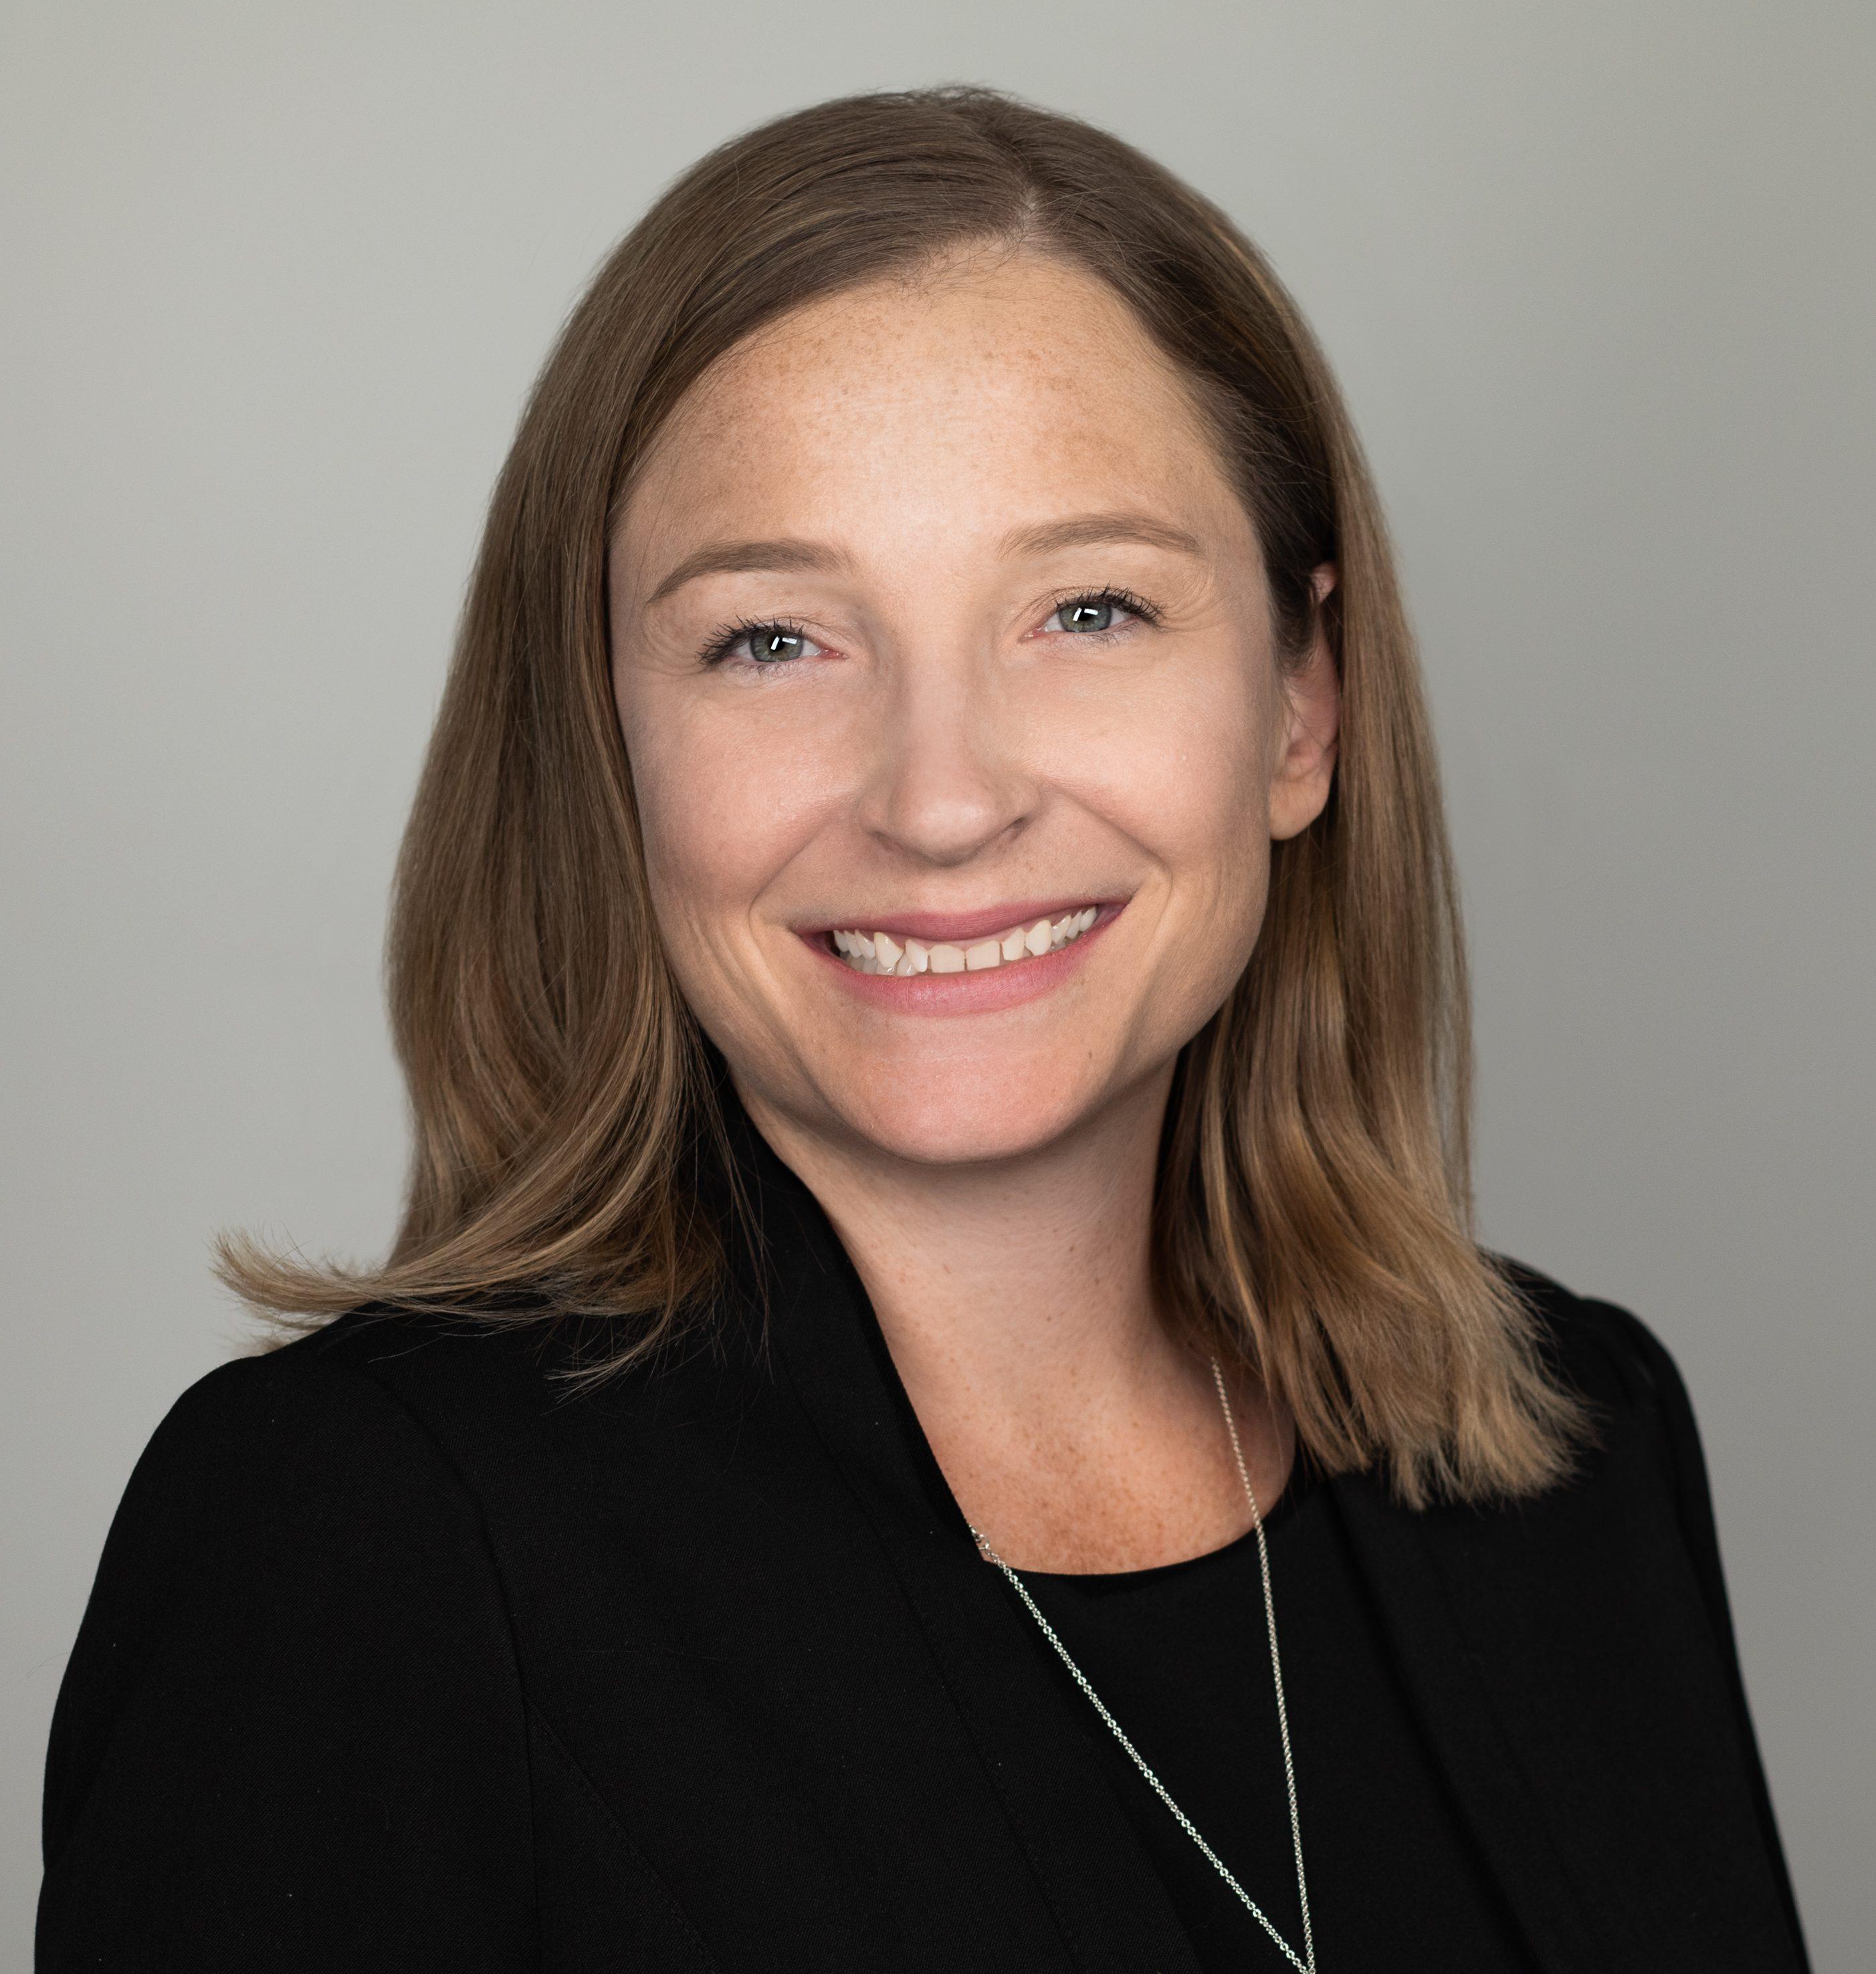 Amanda Cook Senior Project Advisor at Acorn Legal Solutions